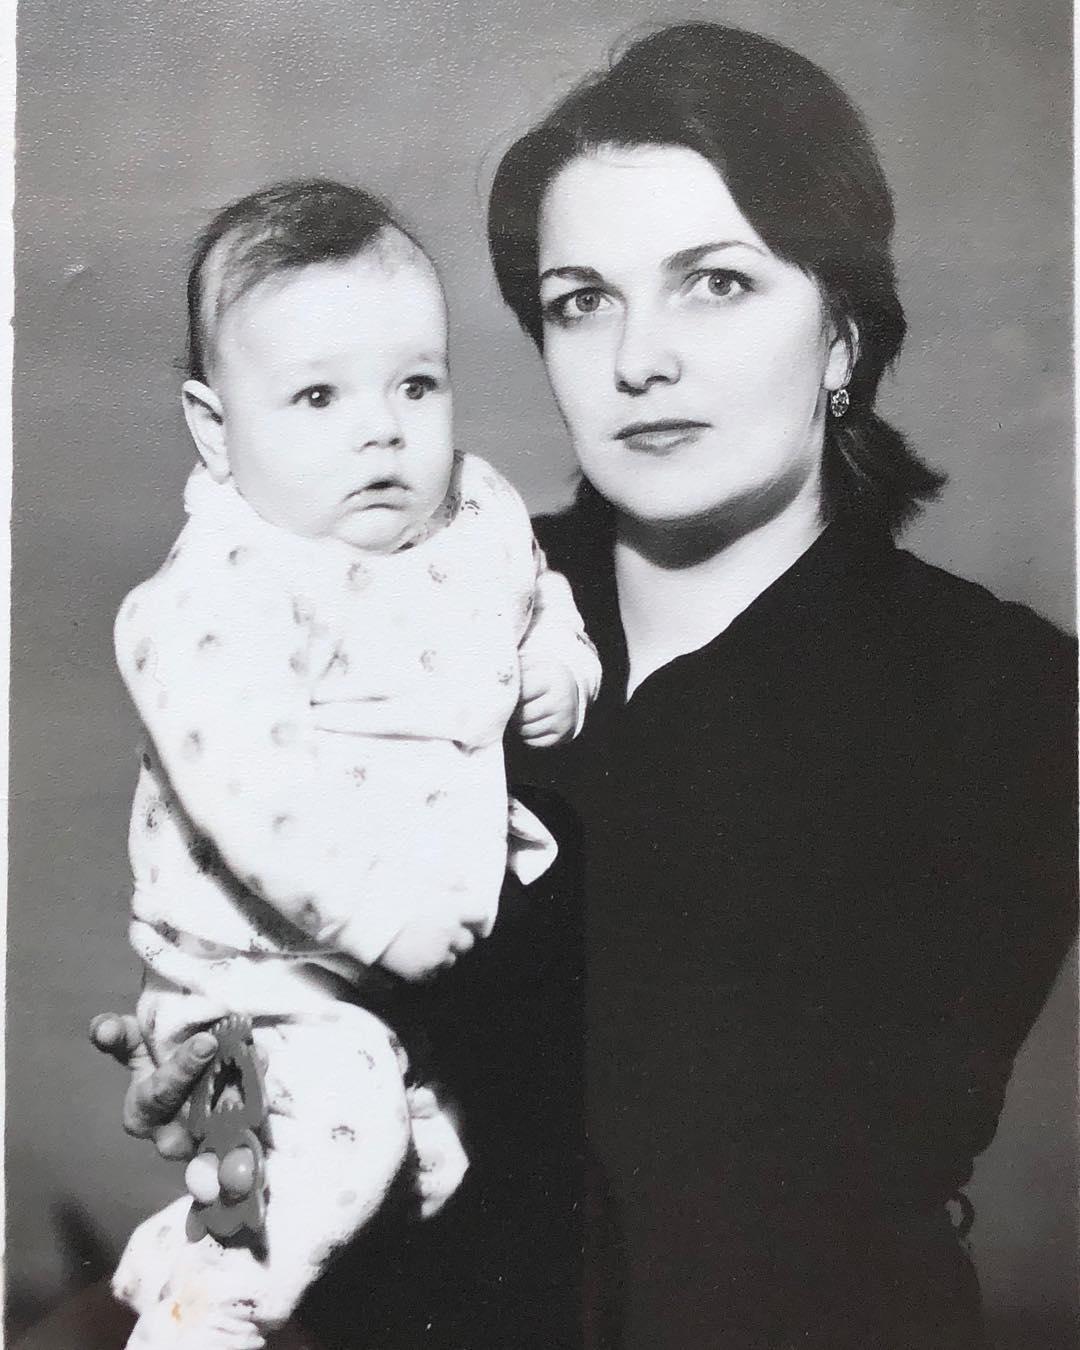 Ближе, чем родной отец: 6 российских звезд, которых поднял на ноги отчим